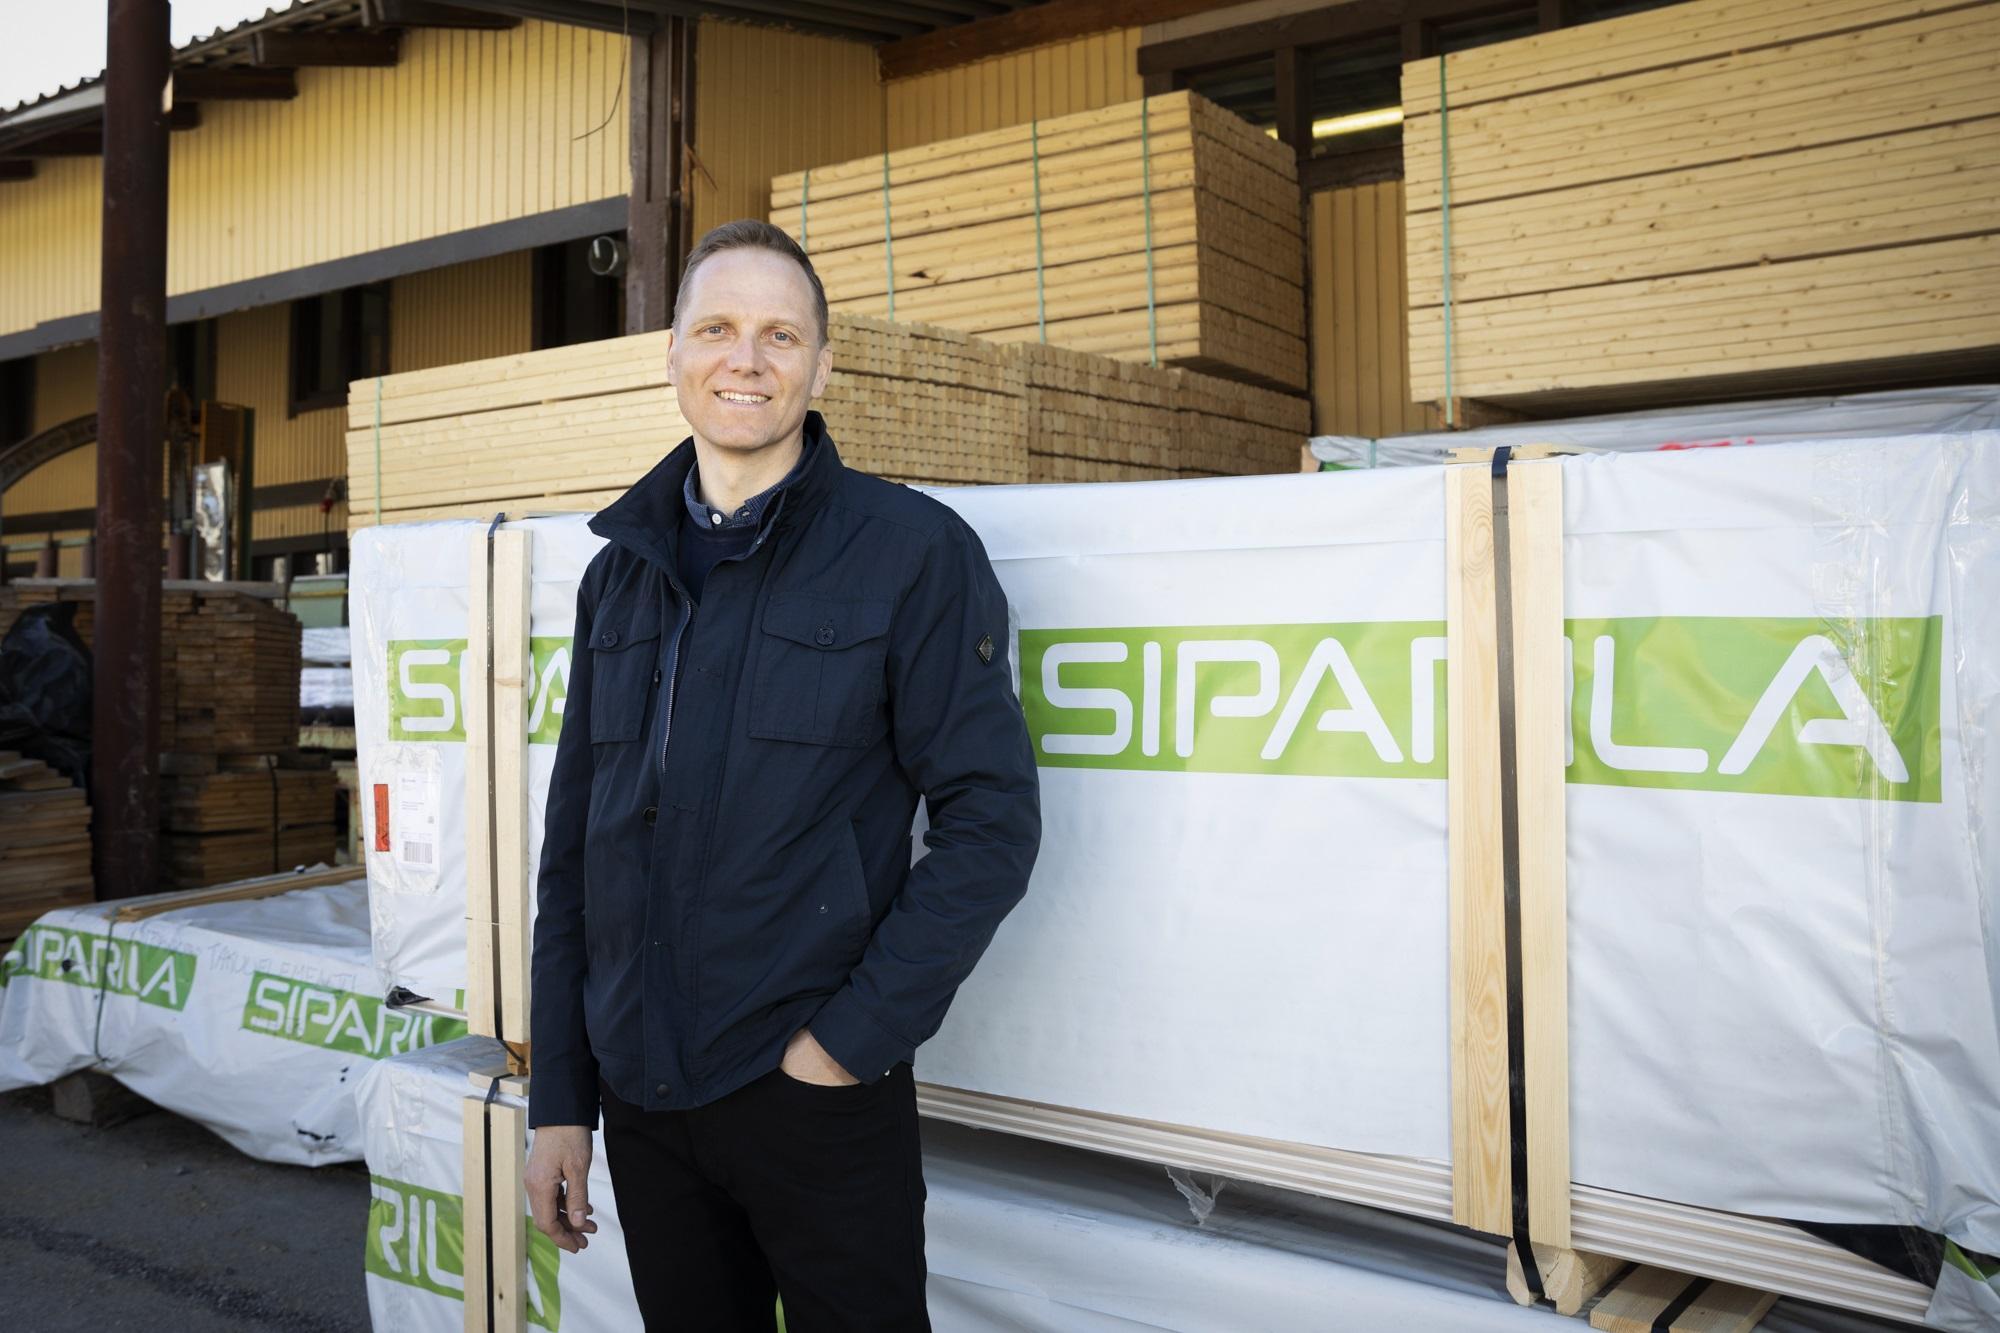 Siparilan toimitusjohtaja Juha Sojakka